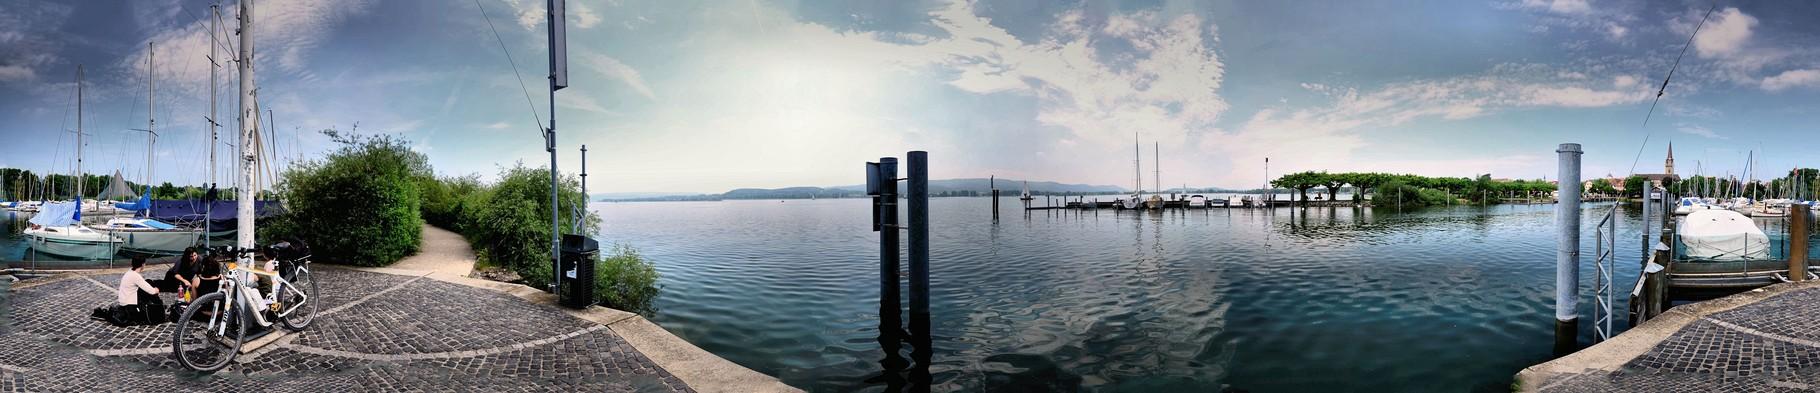 Radolfzell Hafen